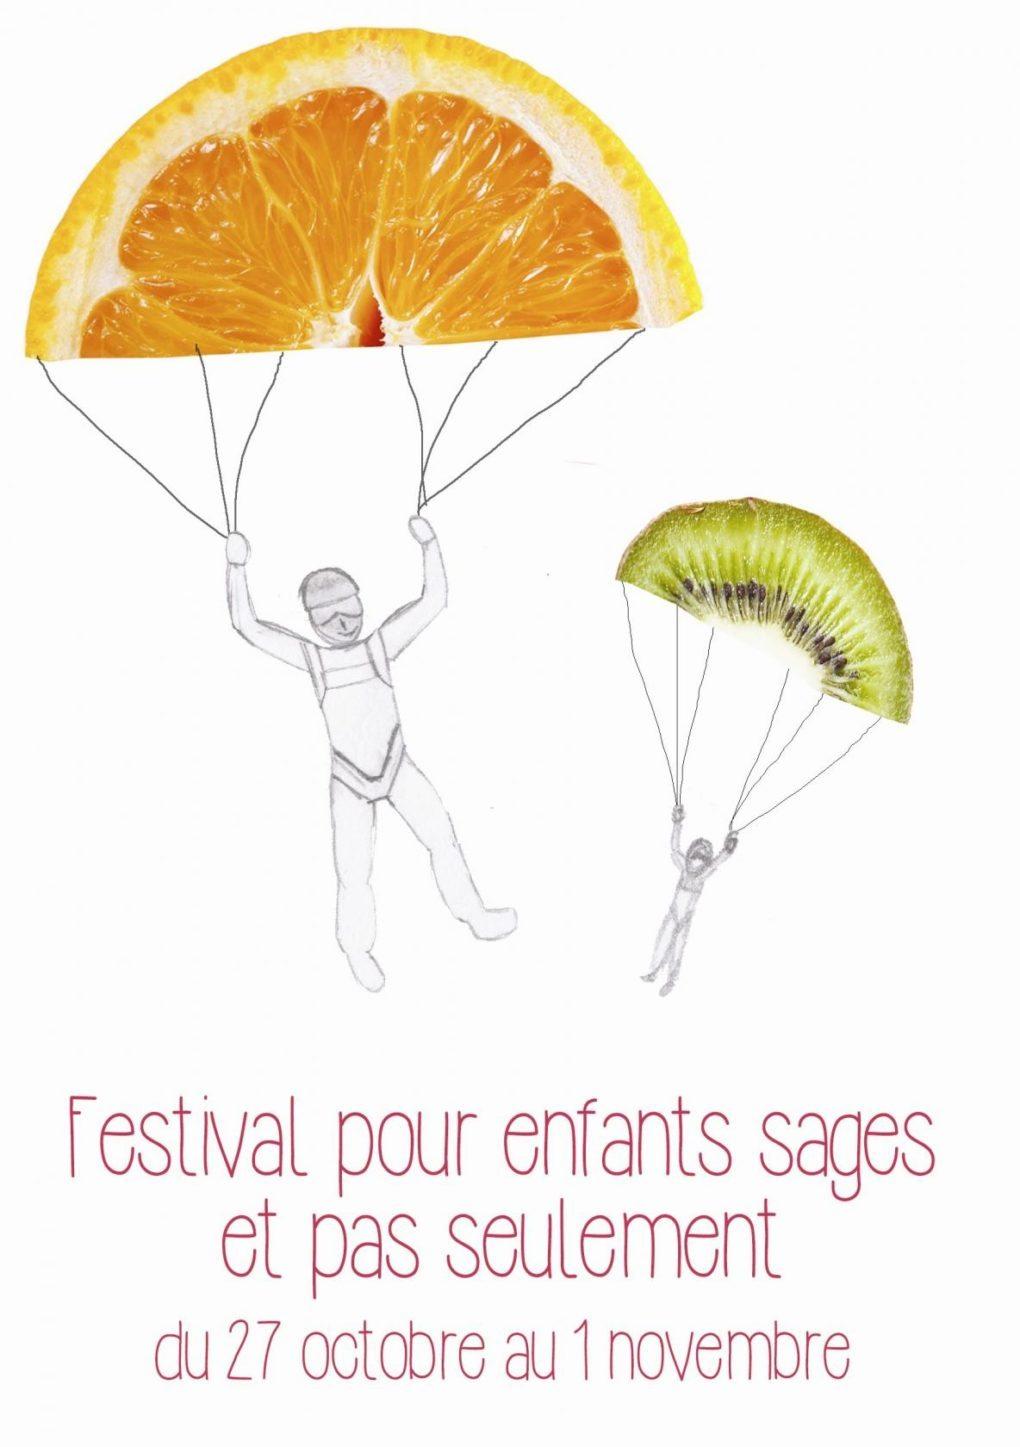 Festival pour enfants sages et pas seulement : Boucles Douces Nantes